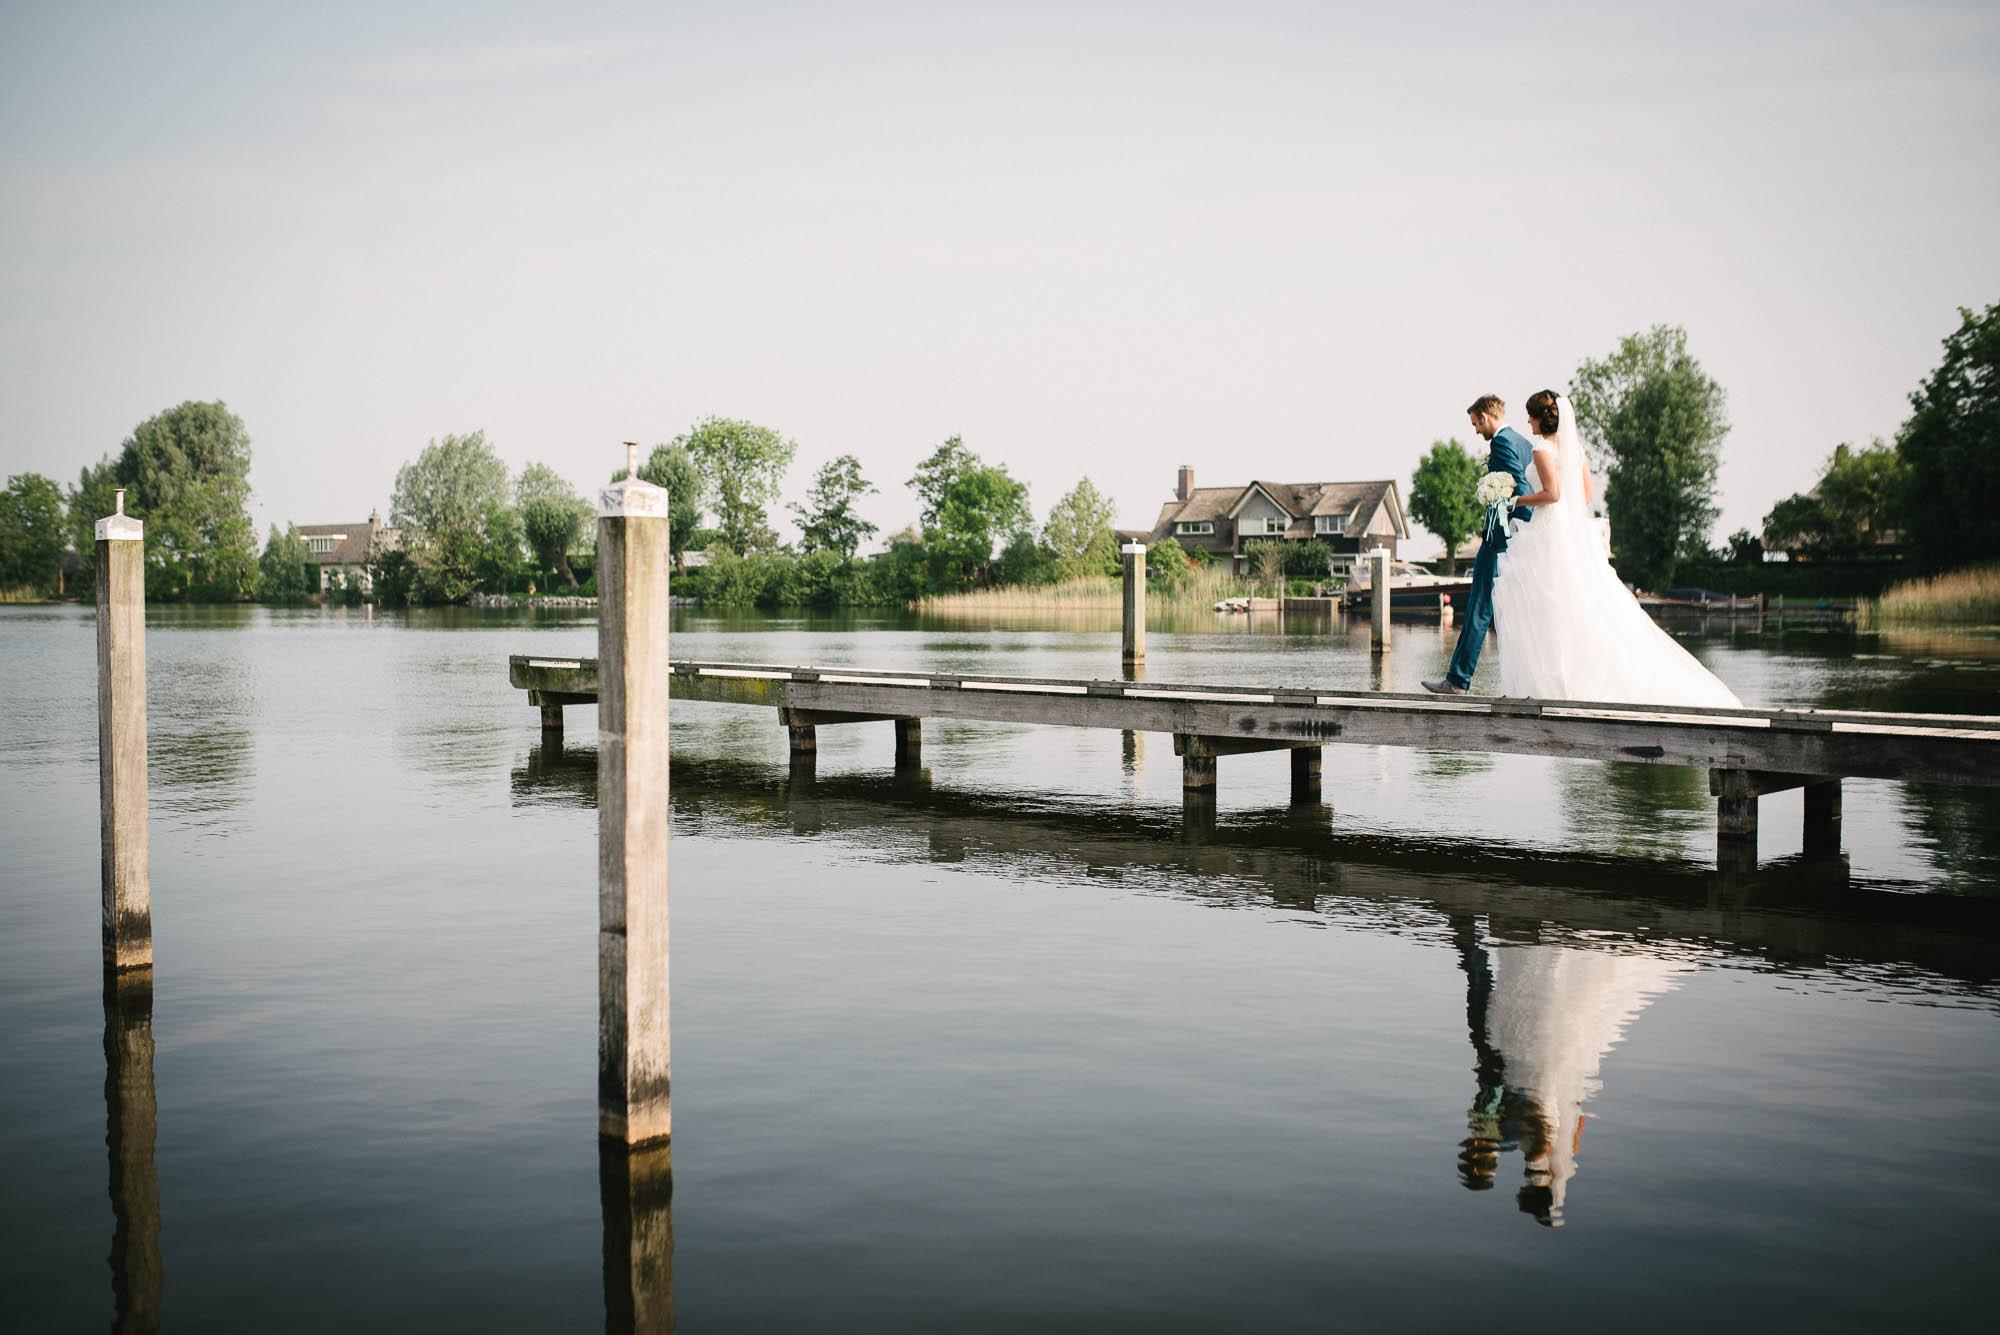 bruidsfotograaf utrecht buiten trouwen